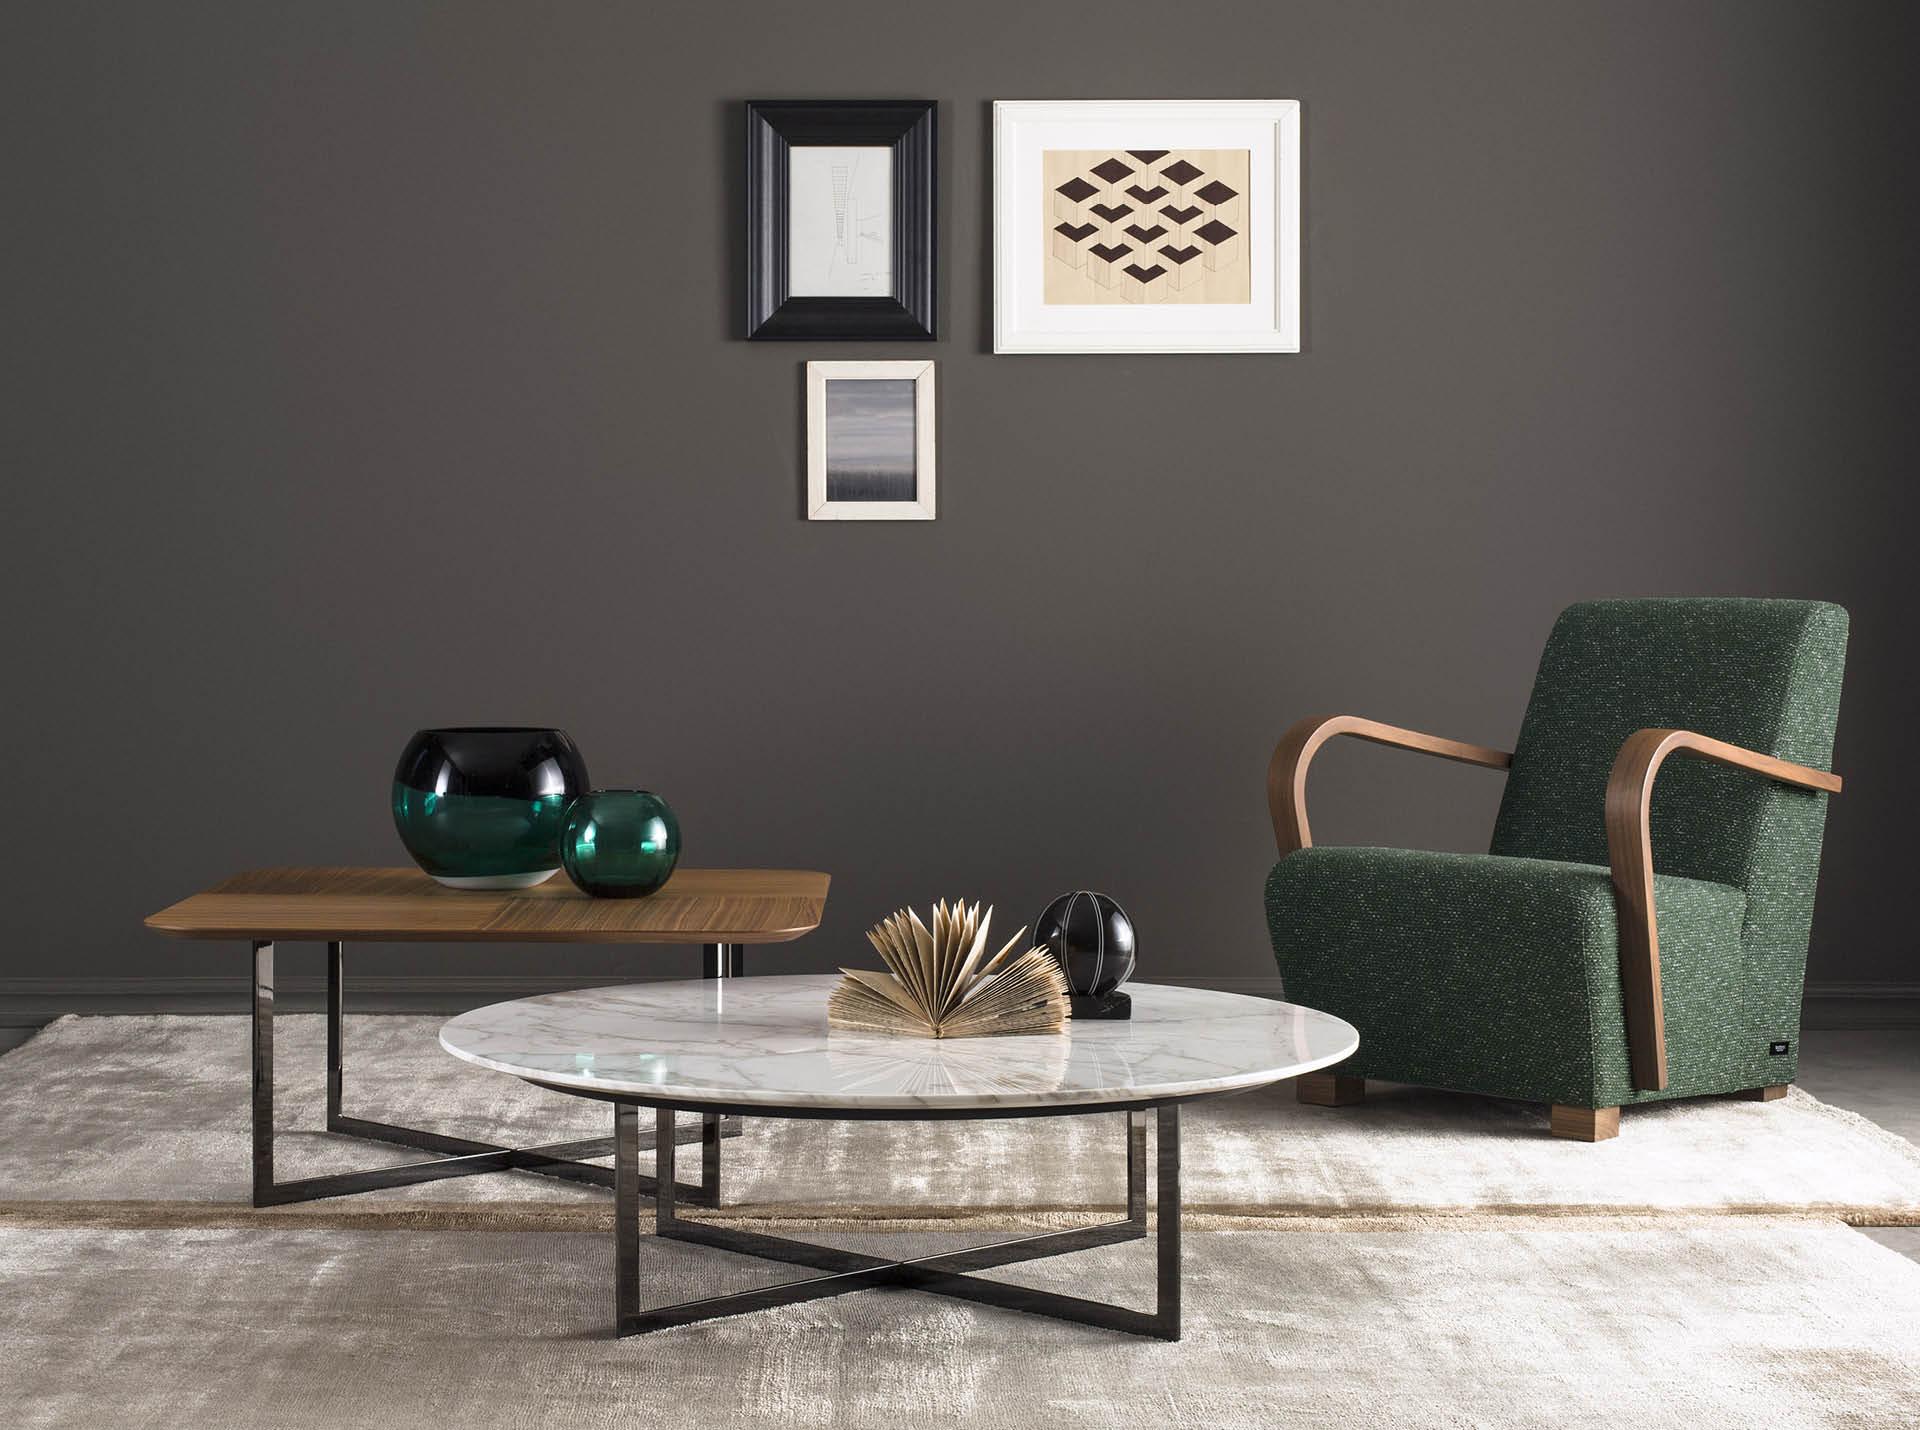 Bodema Кофейный столик Profile от итальянского бренда Bodema